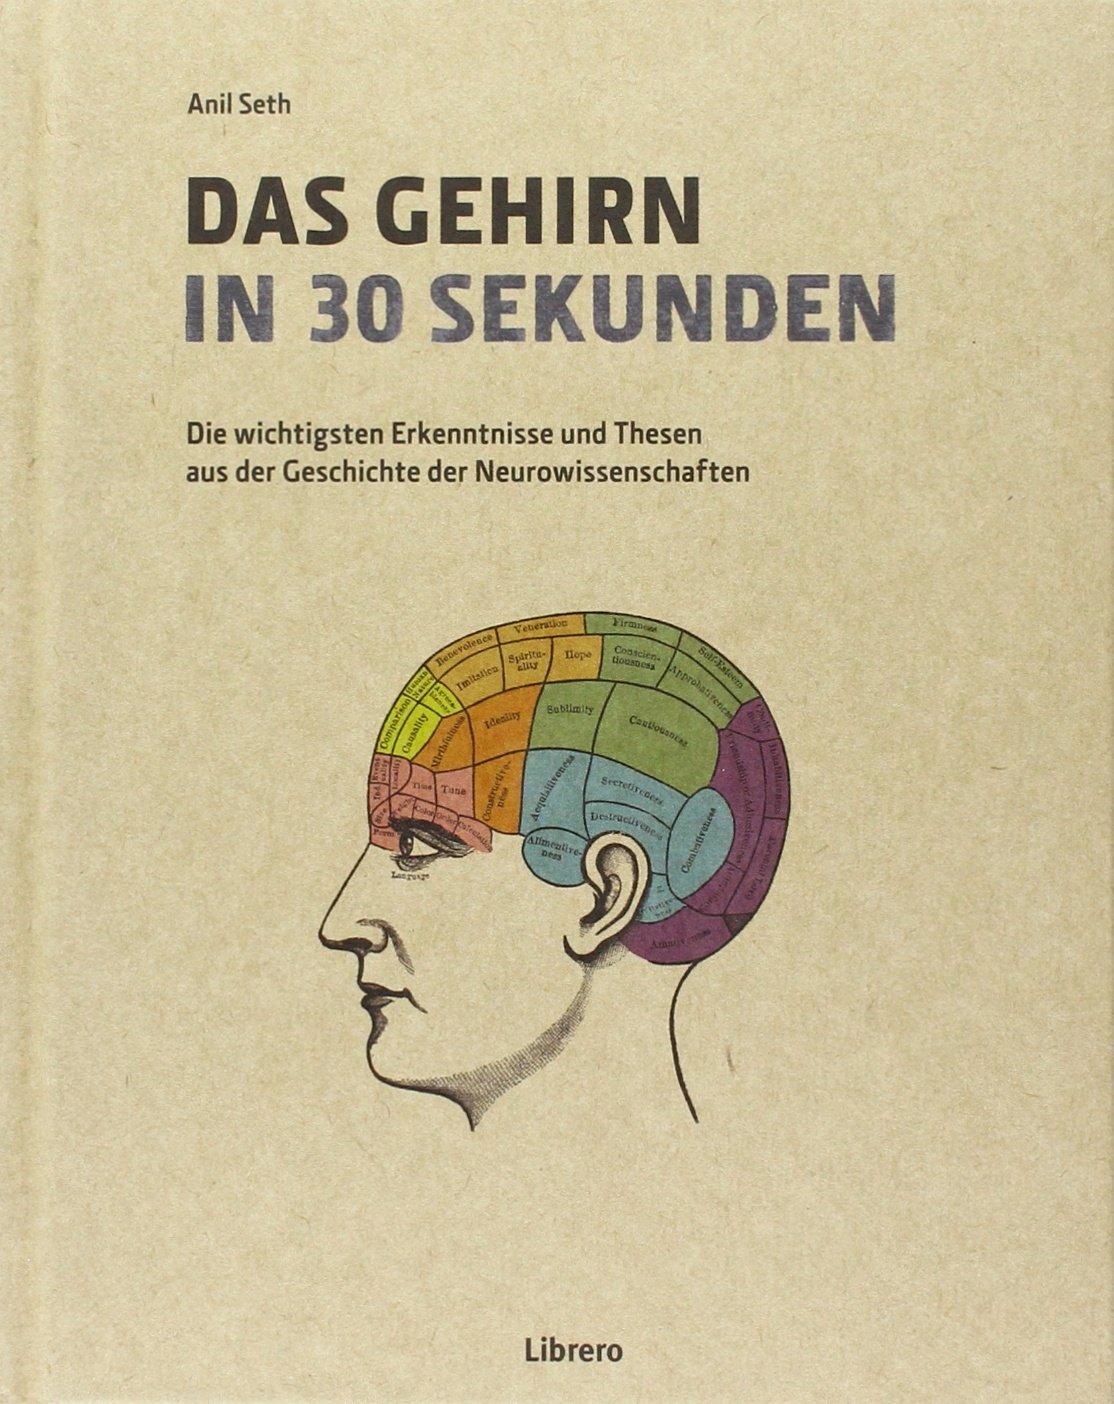 Das Gehirn in 30 Sekunden: Die erstaunlichsten Theorien der Neurowissenschaften in 30 Sekunden